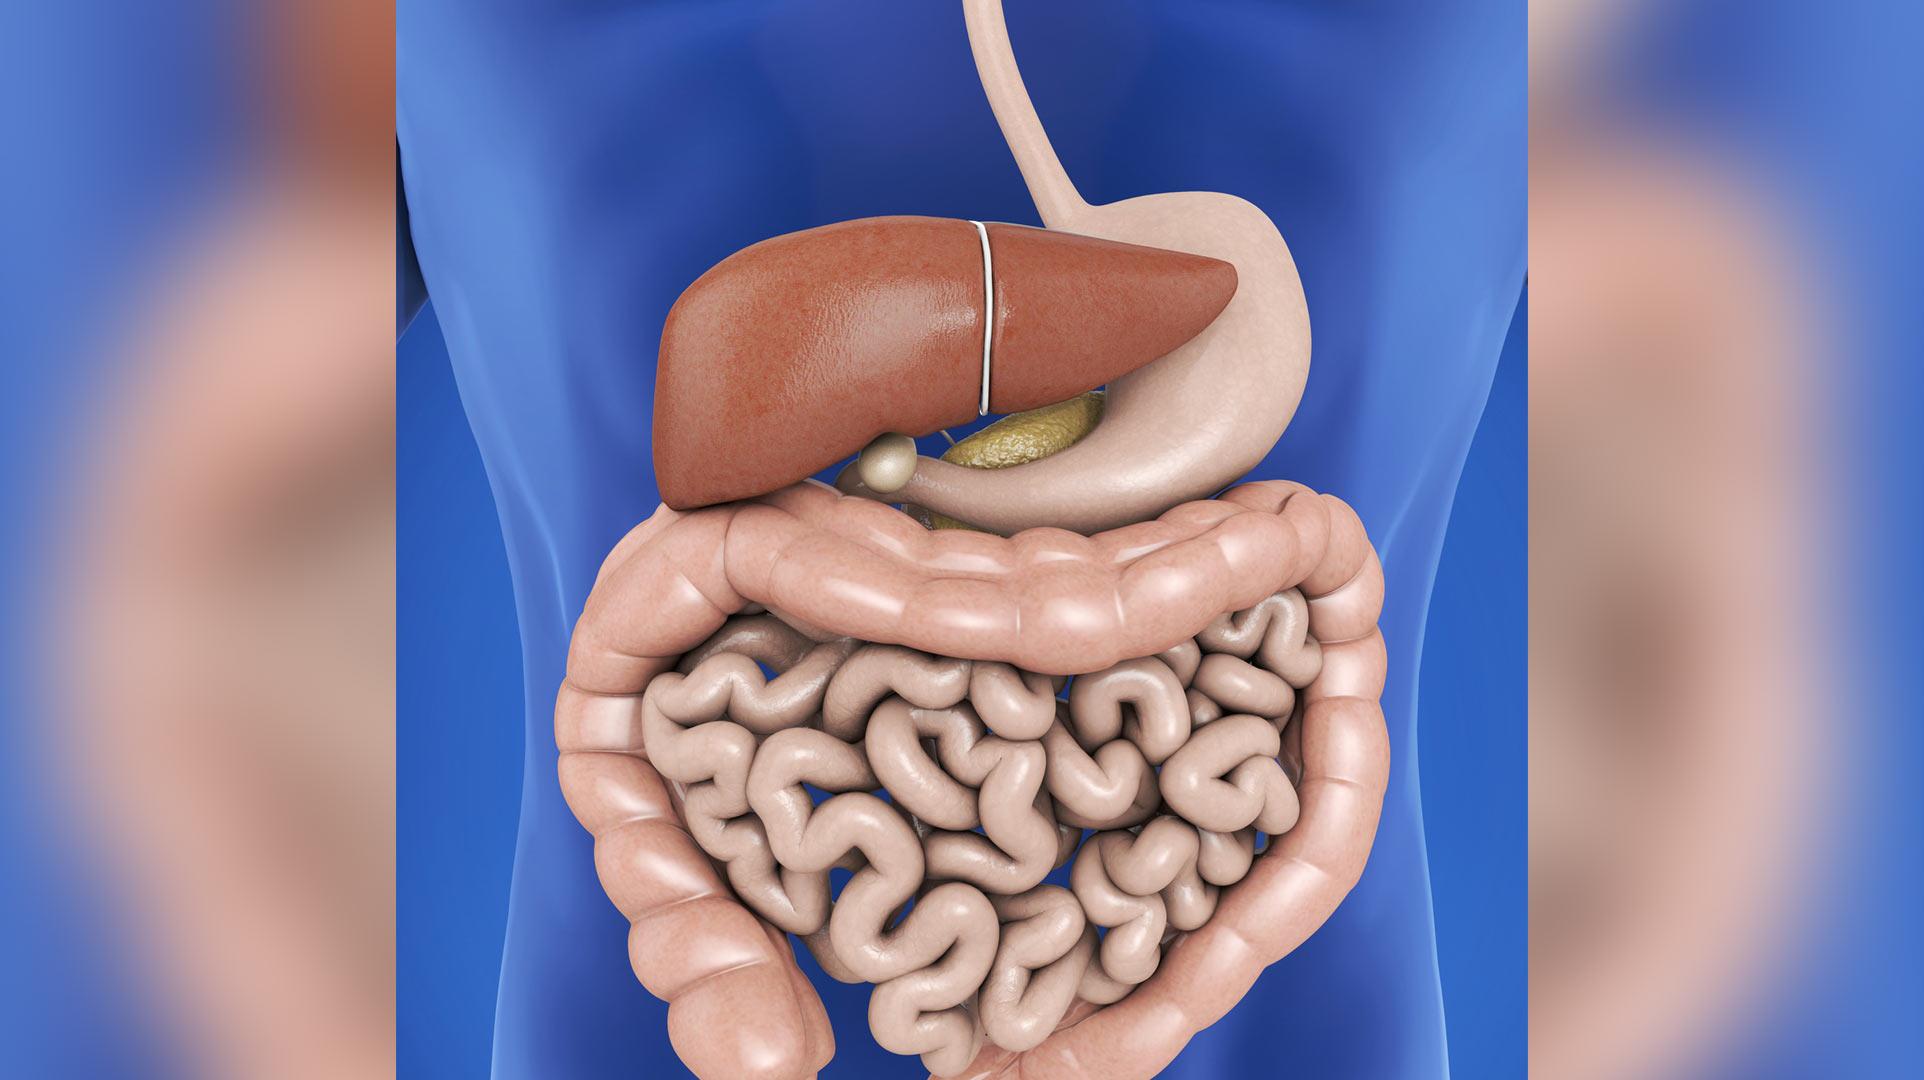 Descubren nuevo órgano del cuerpo humano | Telemundo